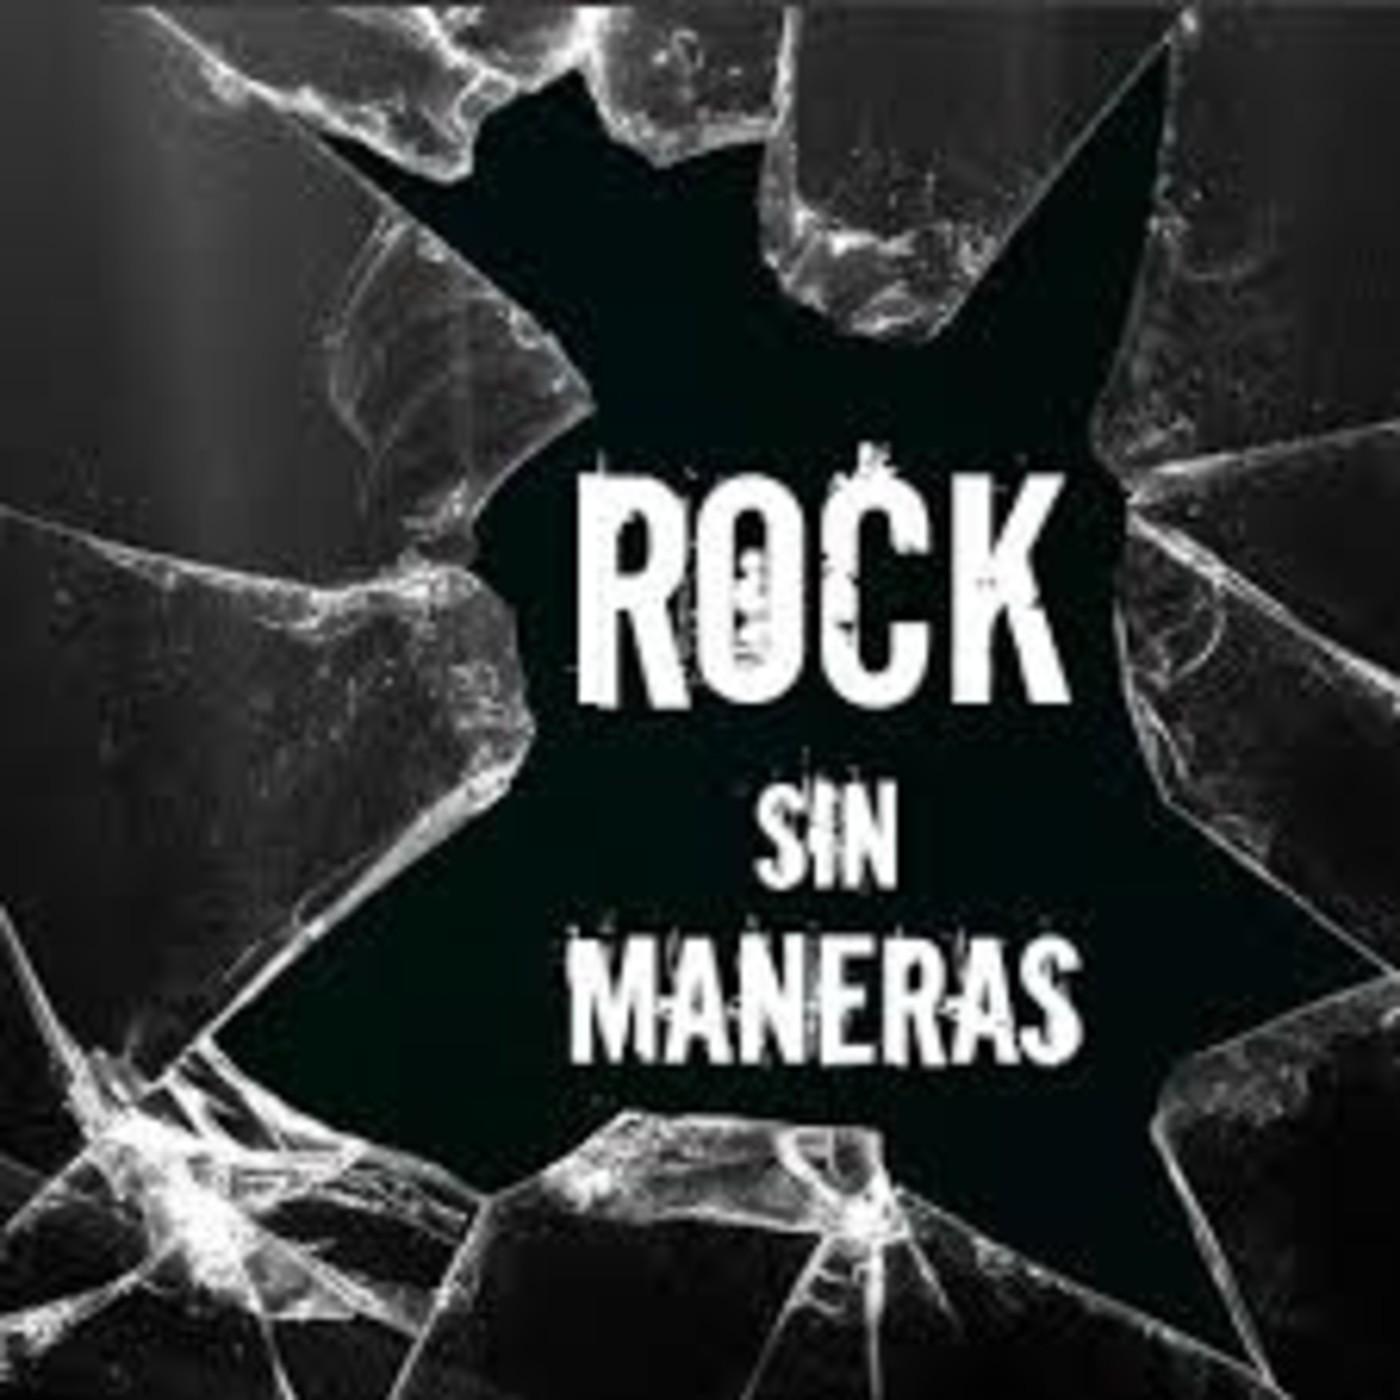 RocksinManeras 05x11: PREMIOS MIN - NOMINADOS MEJOR ALBUM DE ROCK